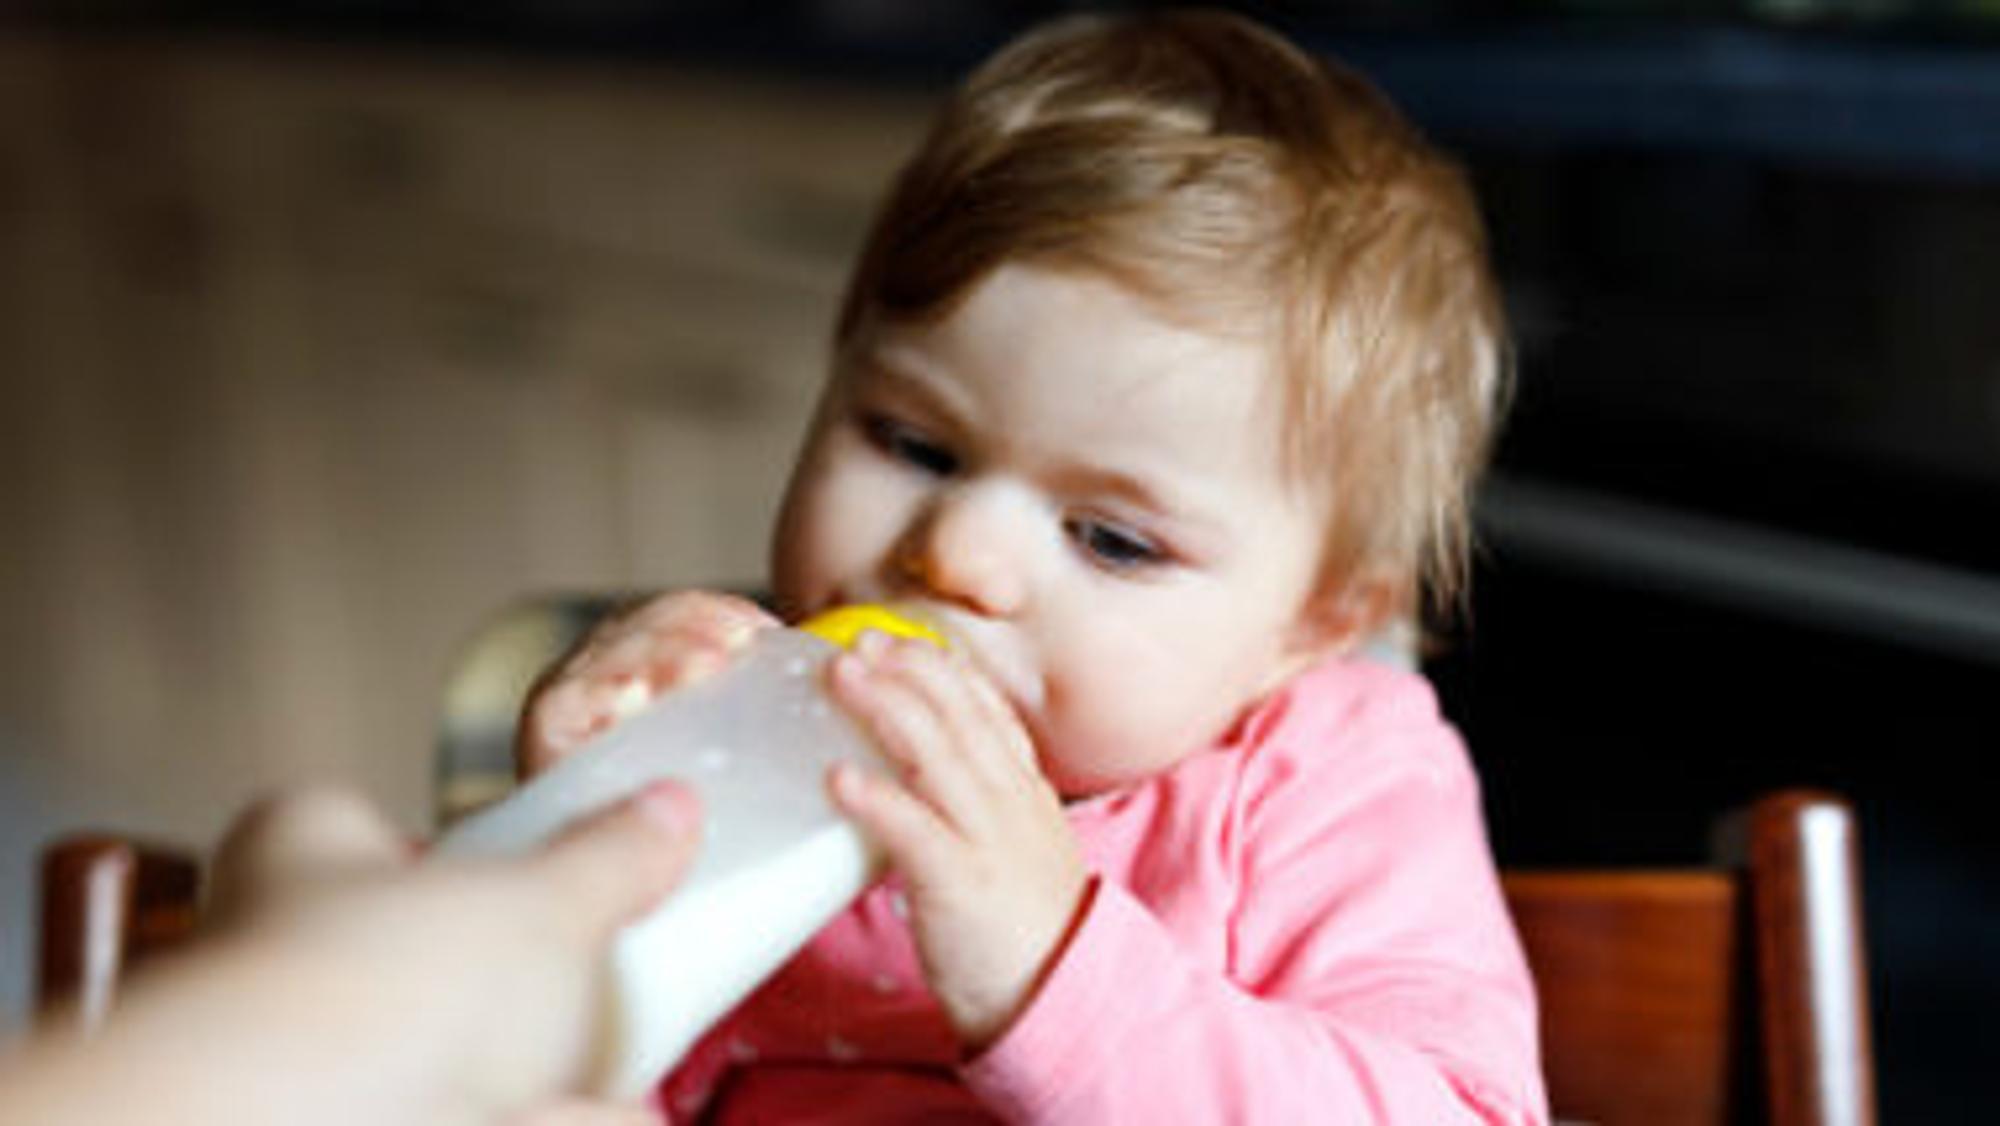 Ein Baby wird mit der Flasche gefüttert